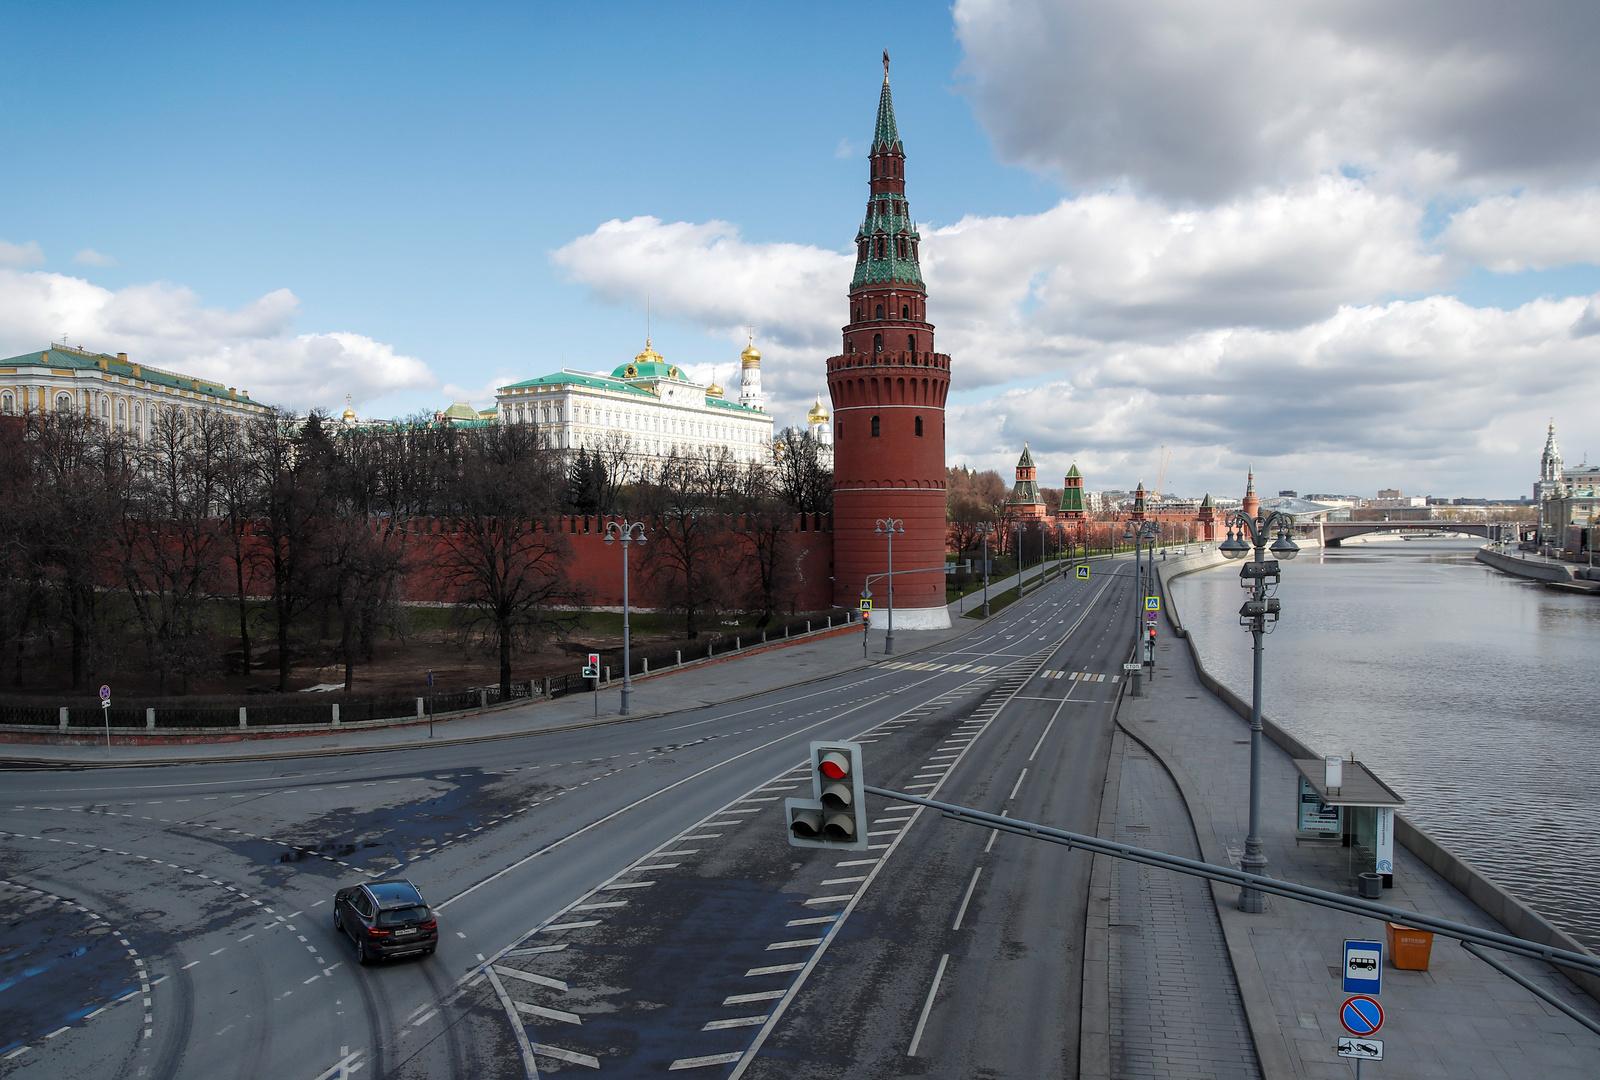 الكرملين: سندرس اقتراحا لعقد قمة بايدن-بوتين ومن السابق لأوانه الحديث عن أي تفاصيل